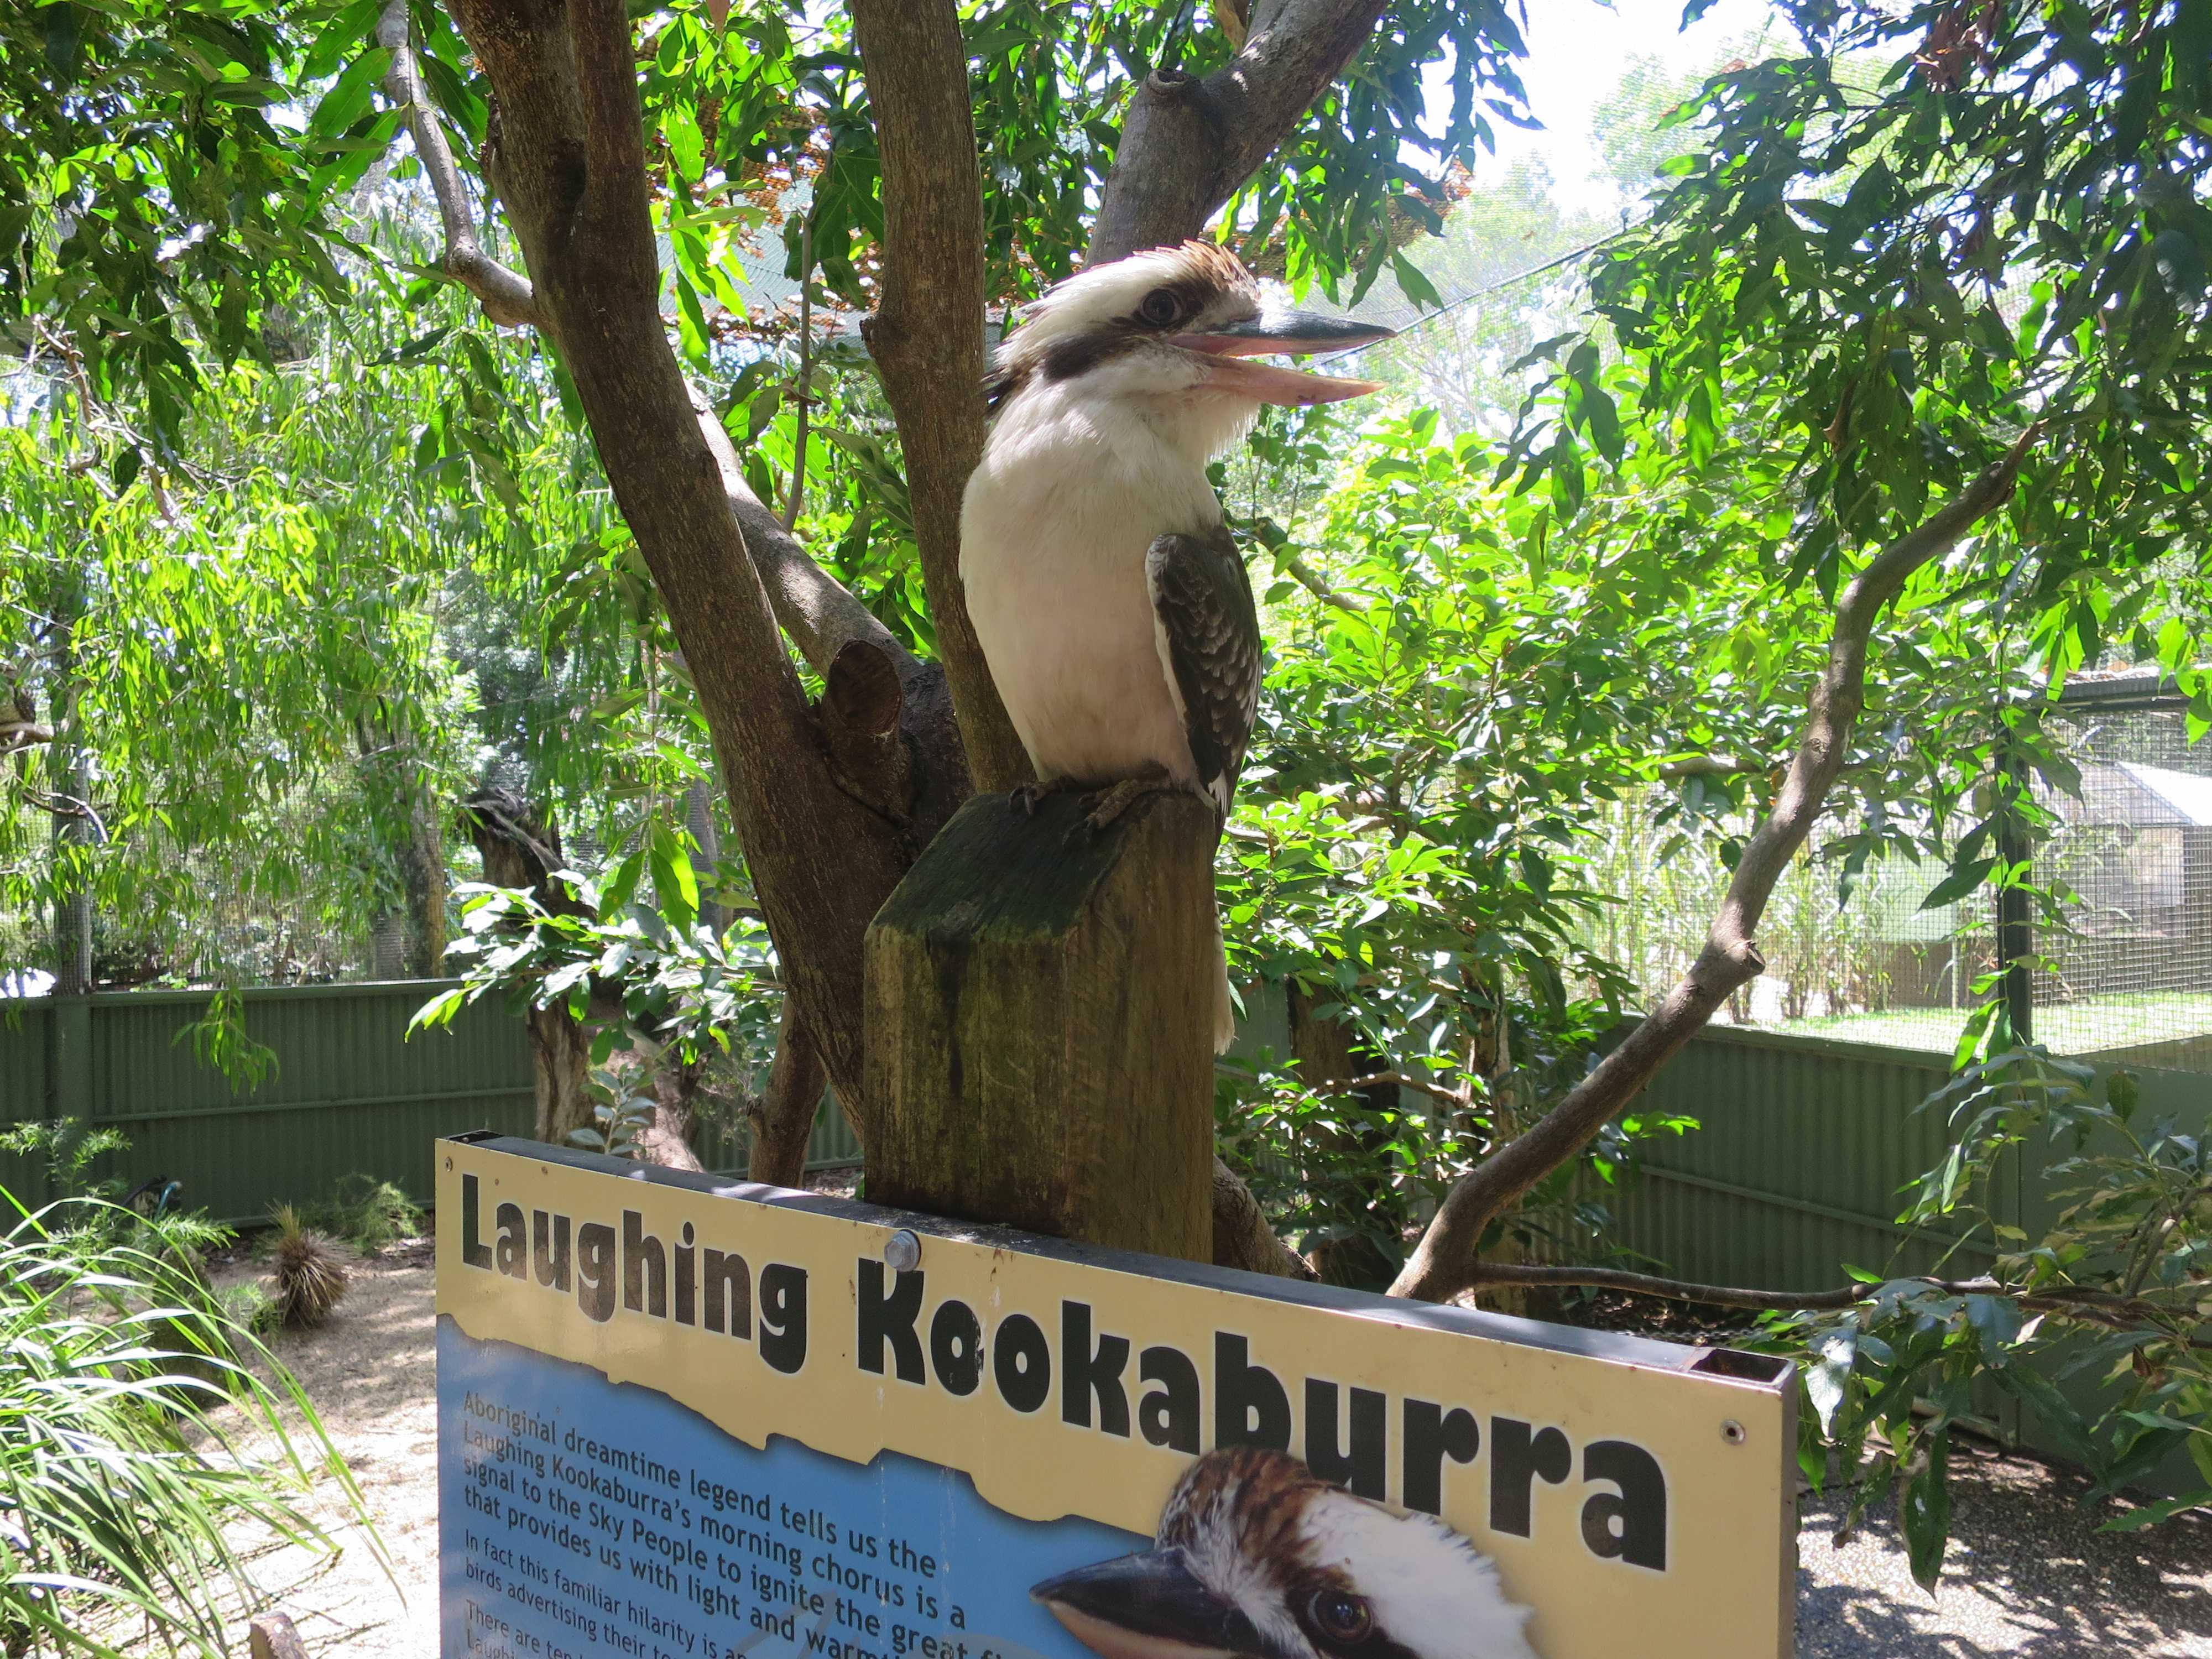 ケアンズトロピカルズー - ワライカワセミ(Laughing Kookaburra)